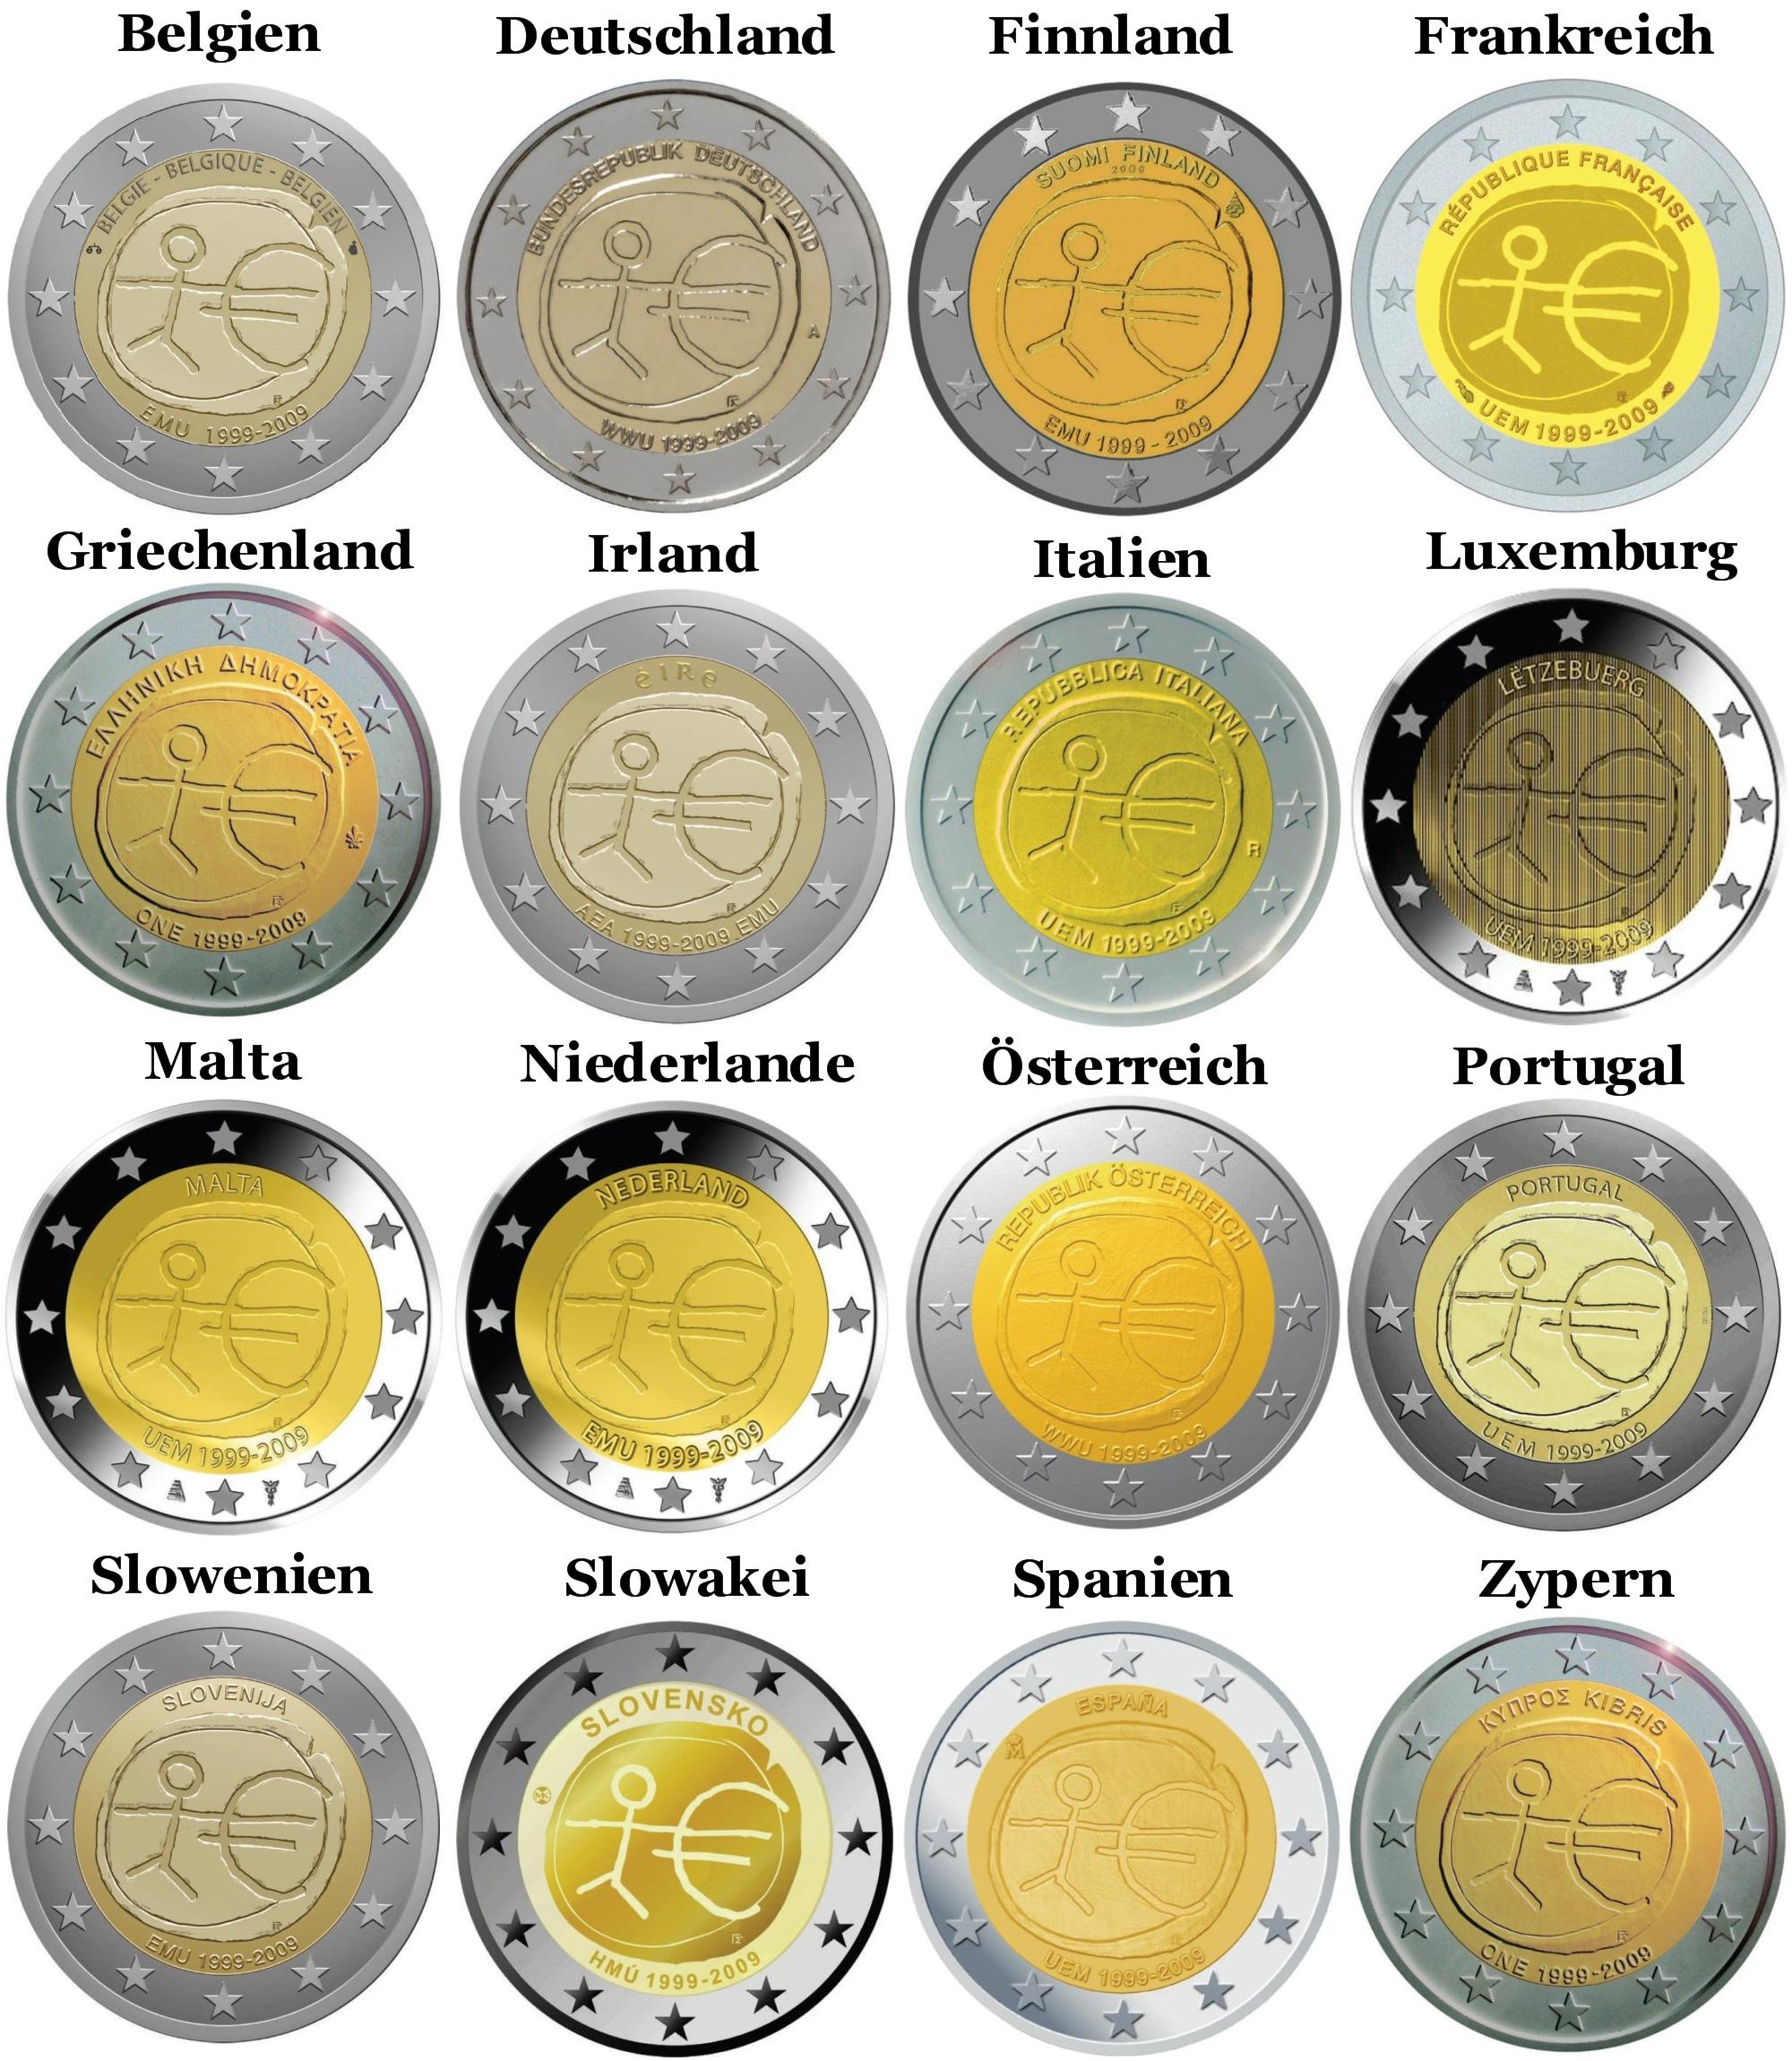 2 Euro Münze 10 Jahre Euro Auflagen Bilder